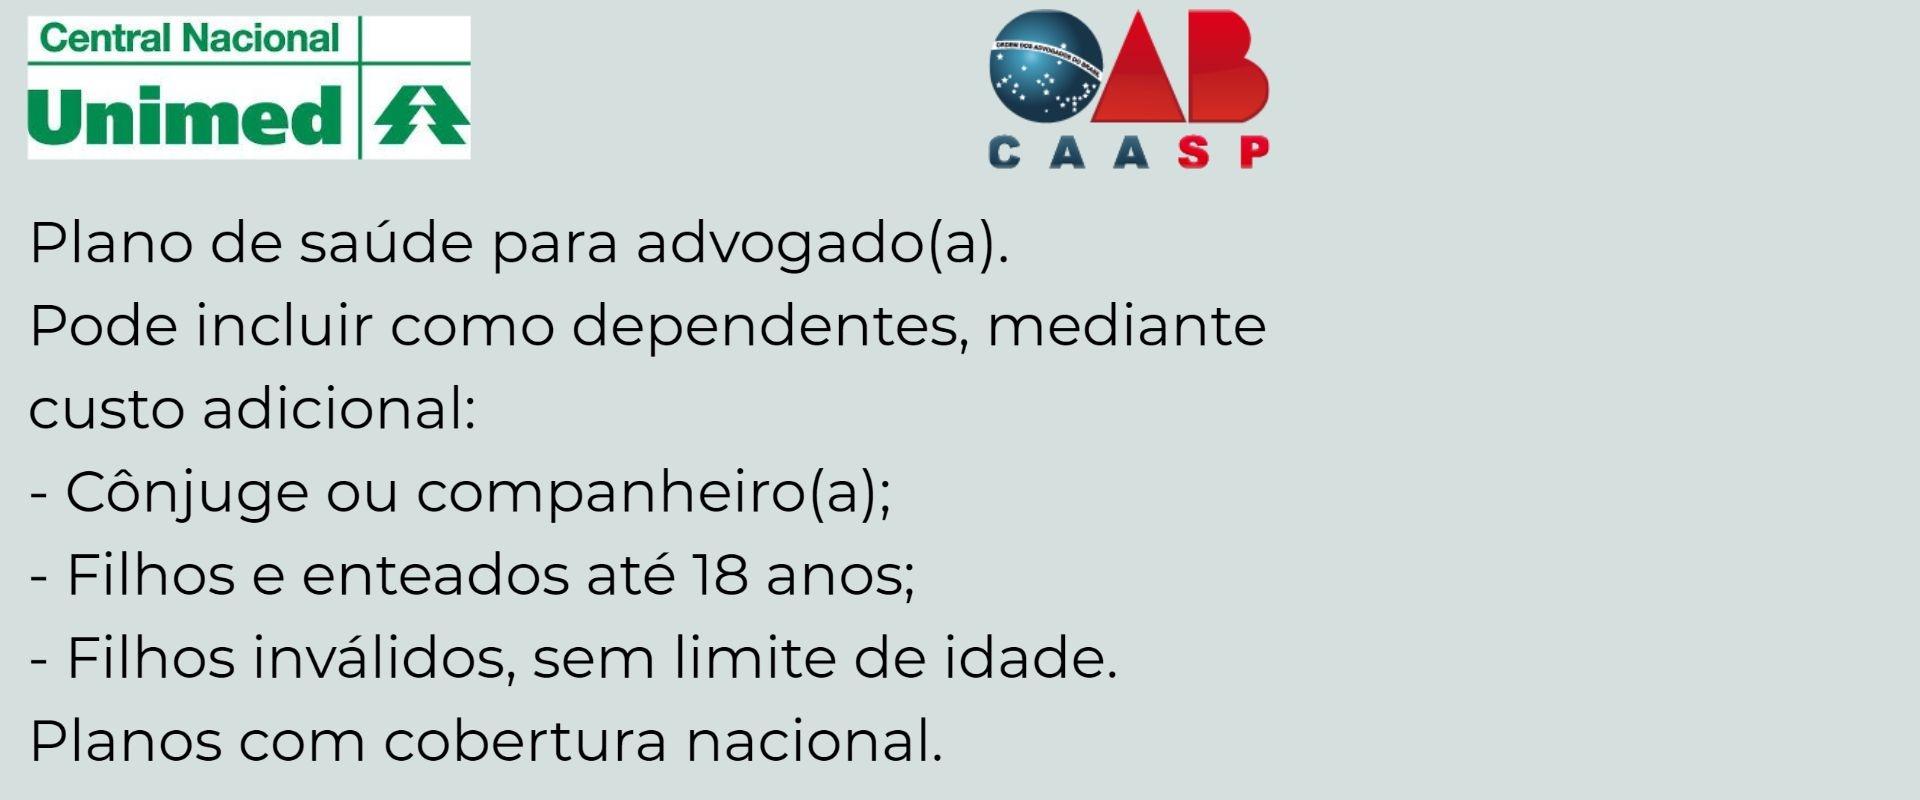 Unimed CAASP Sertãozinho